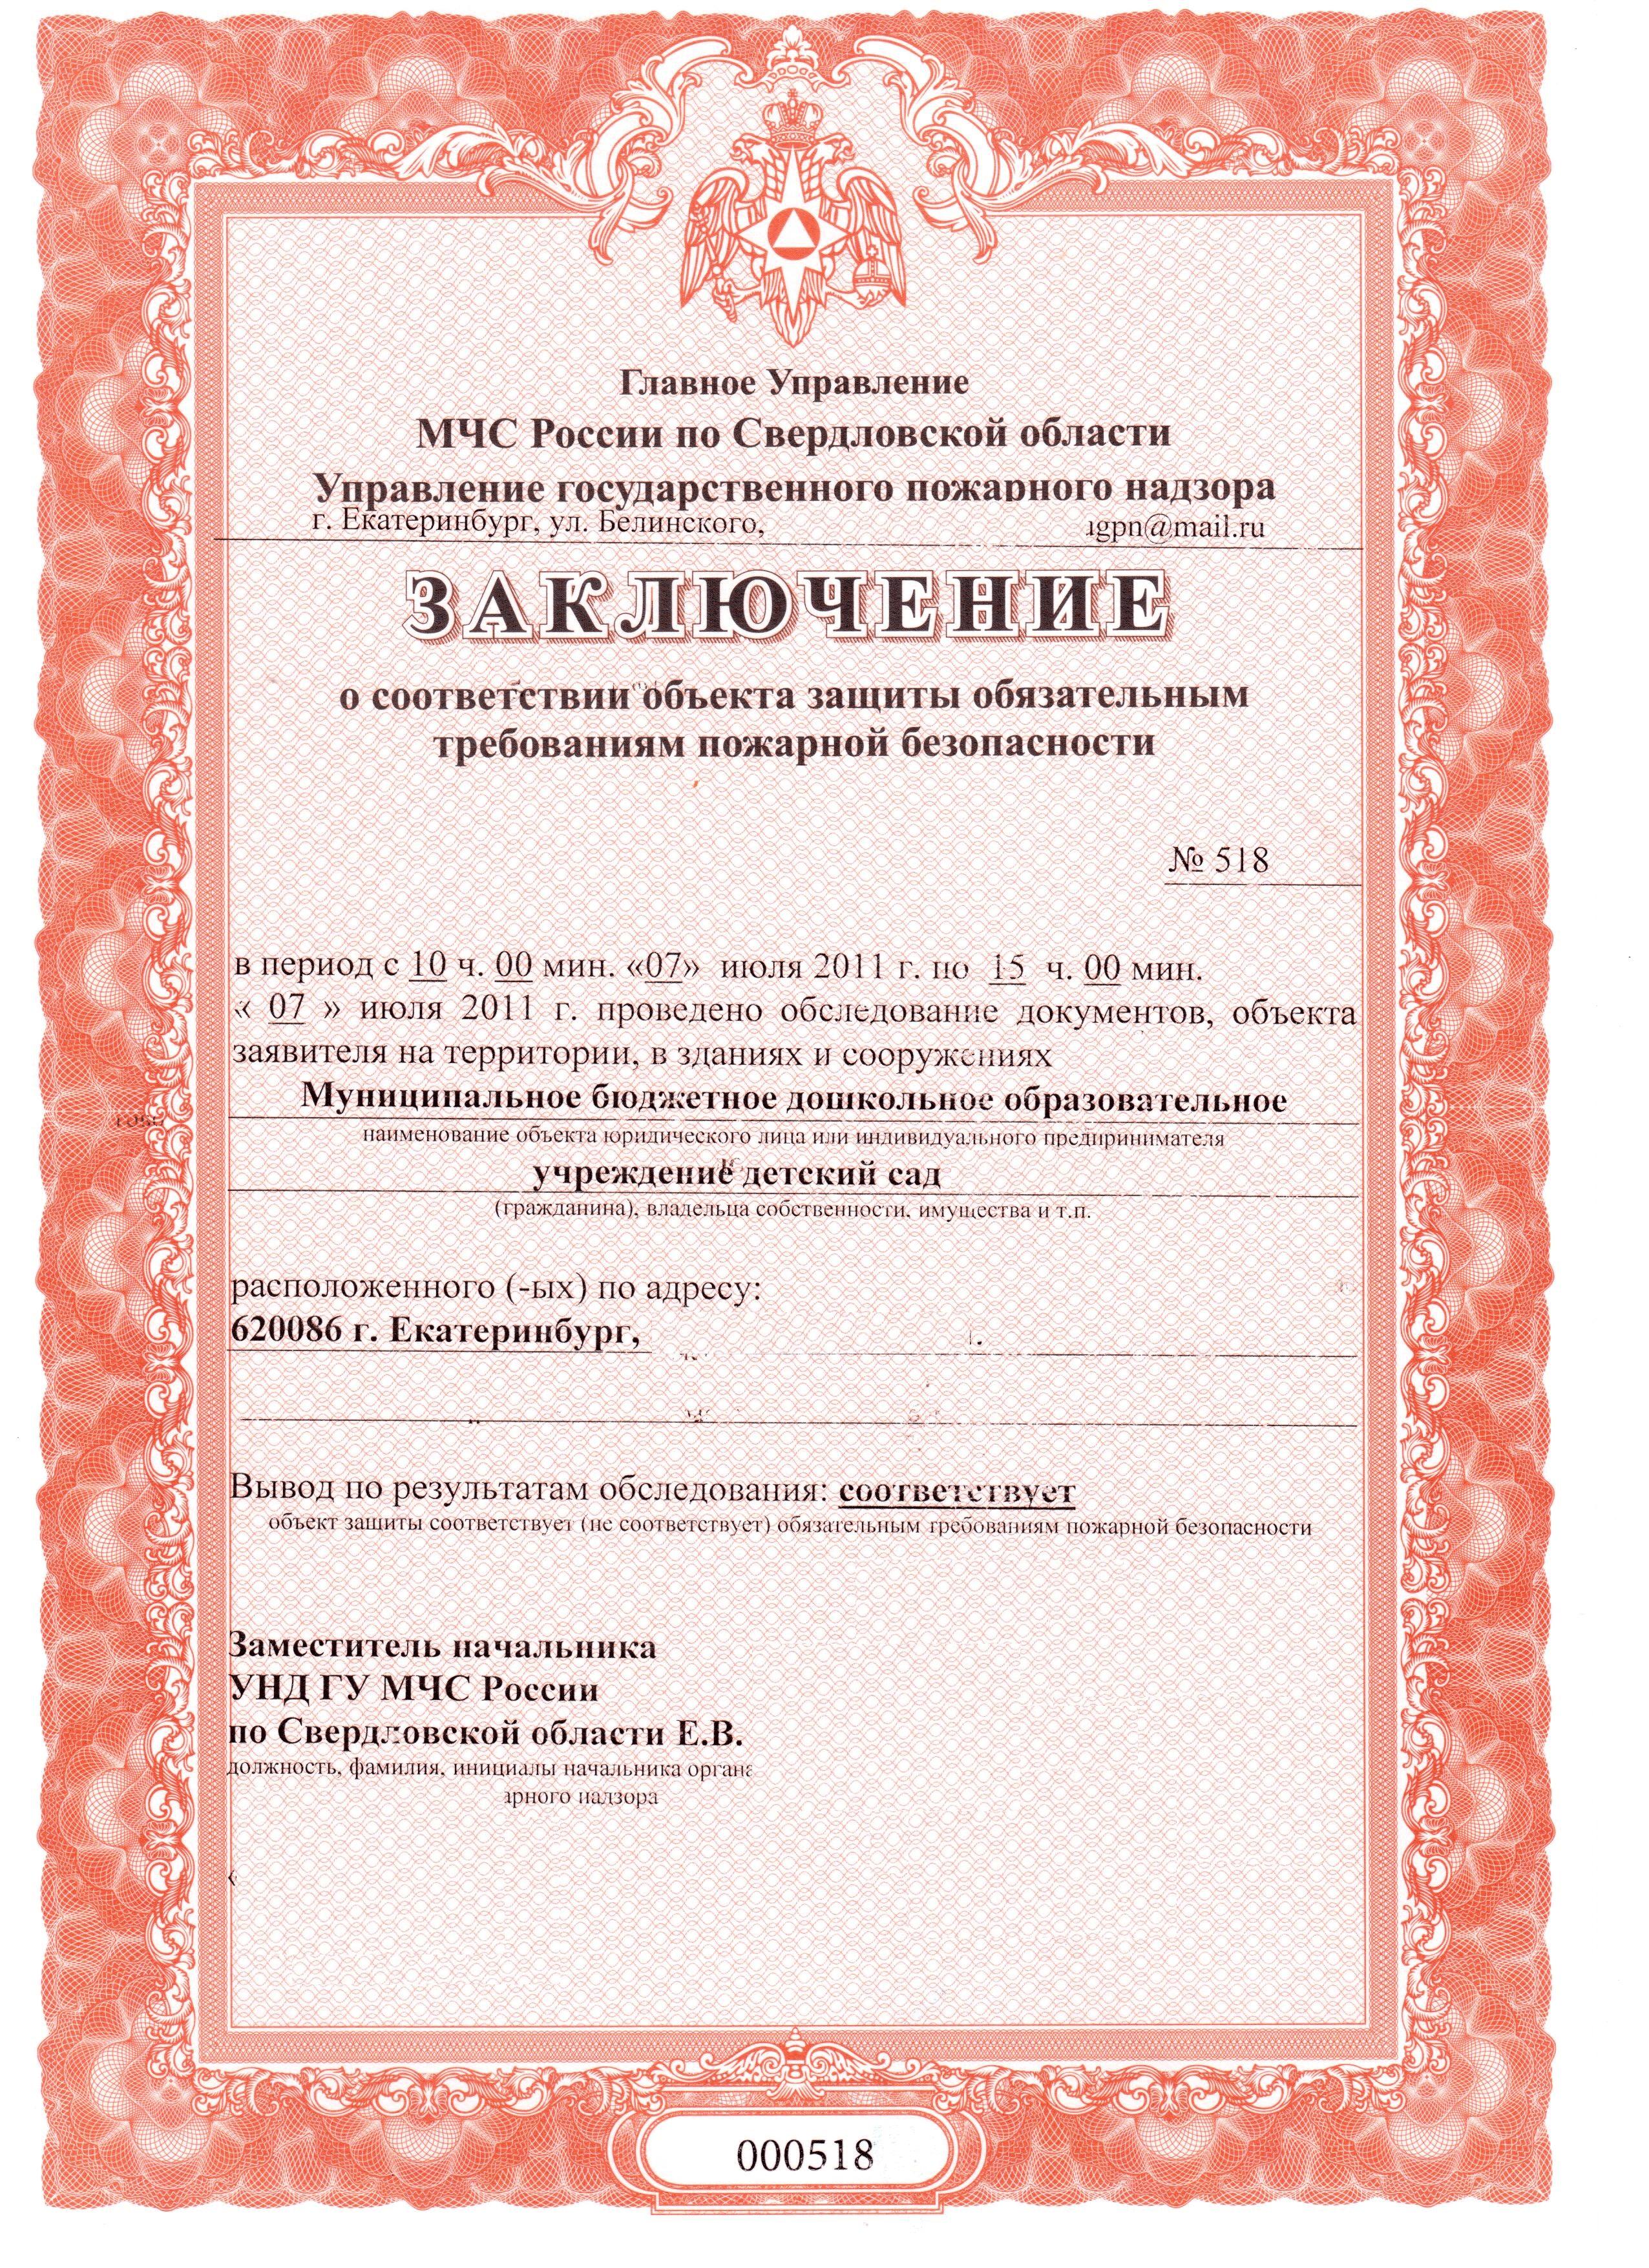 После проверки МЧС можно получить заключение о соответствии требованиям пожарной безопасности. Этот документ можно использовать при лицензировании, в других целях.